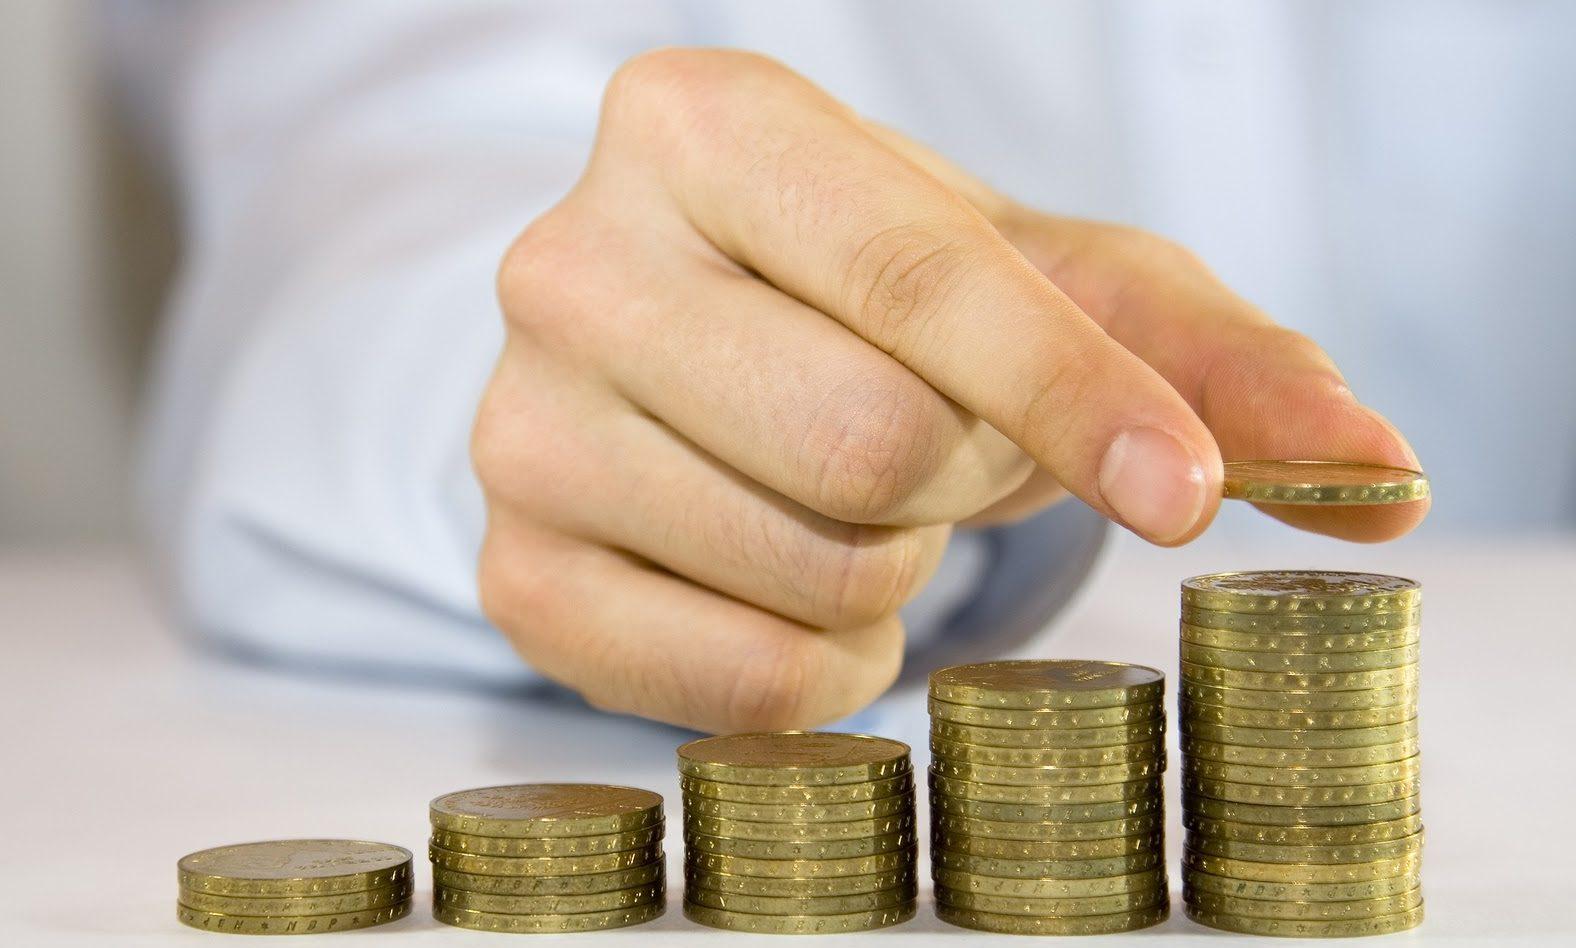 hol lehet igazán jó pénzt keresni trendvonal képlete